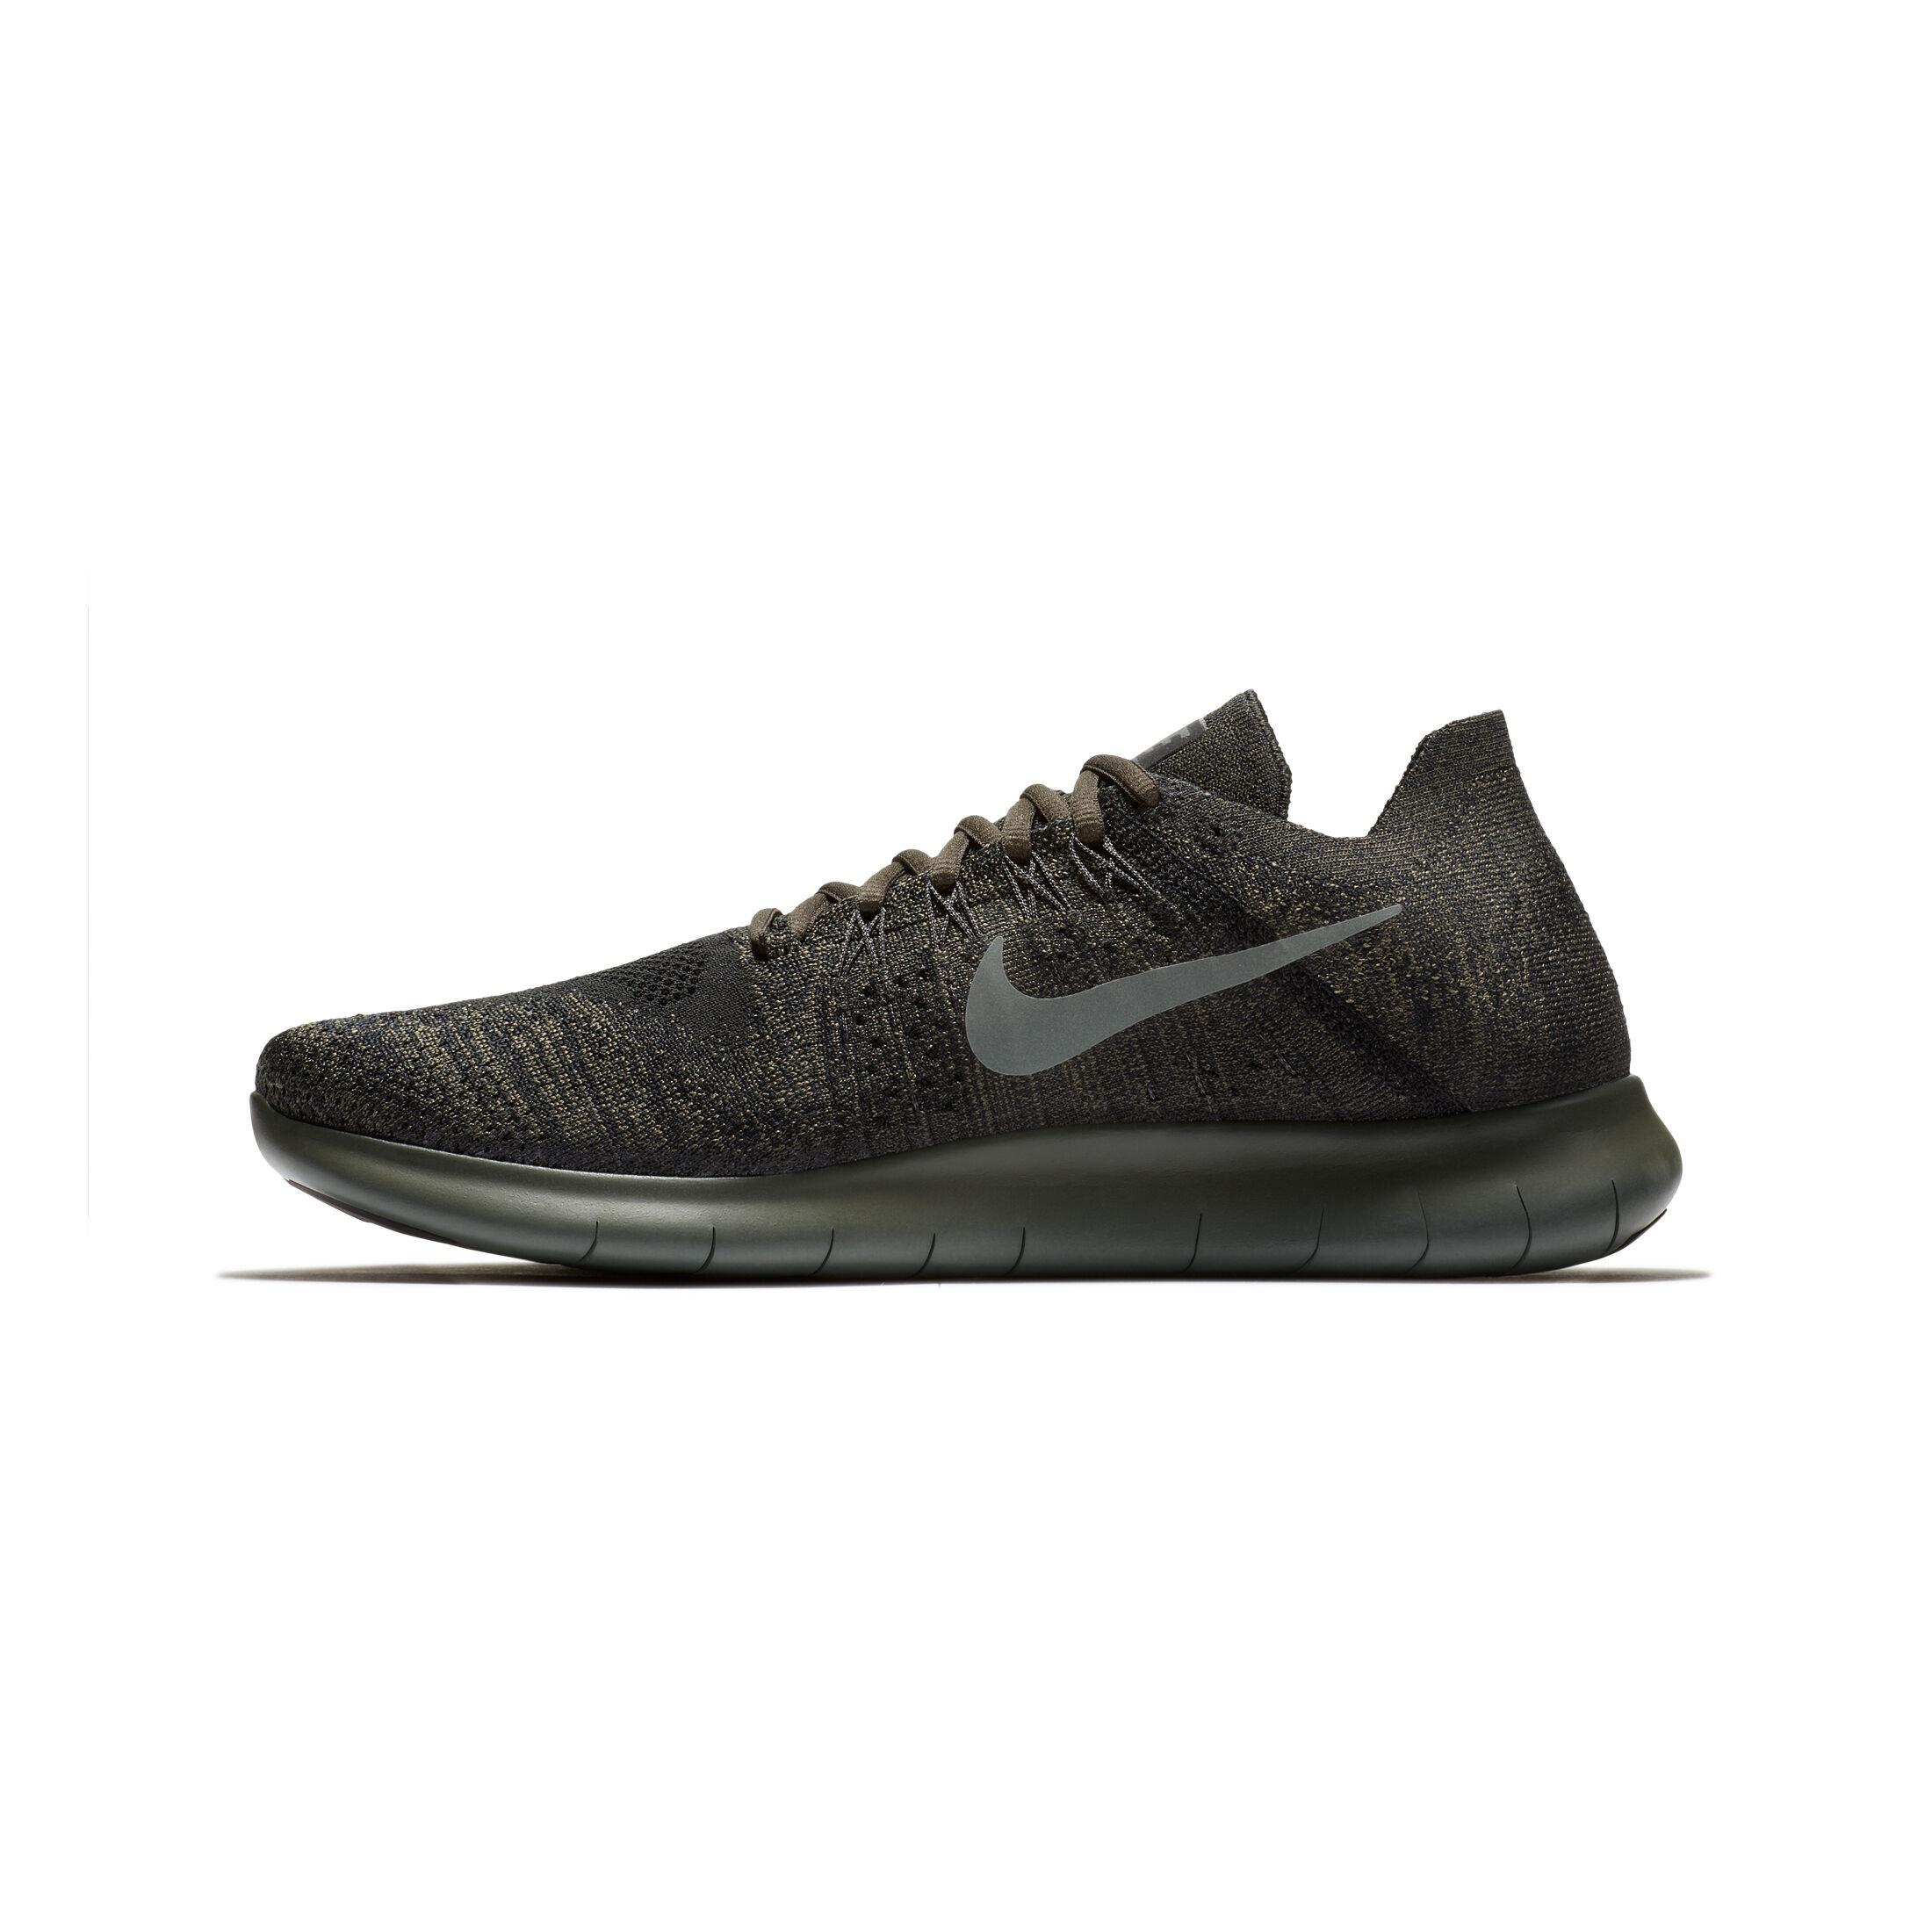 Nike Free Run Flyknit 2017 Fitnessschoen Heren Zwart